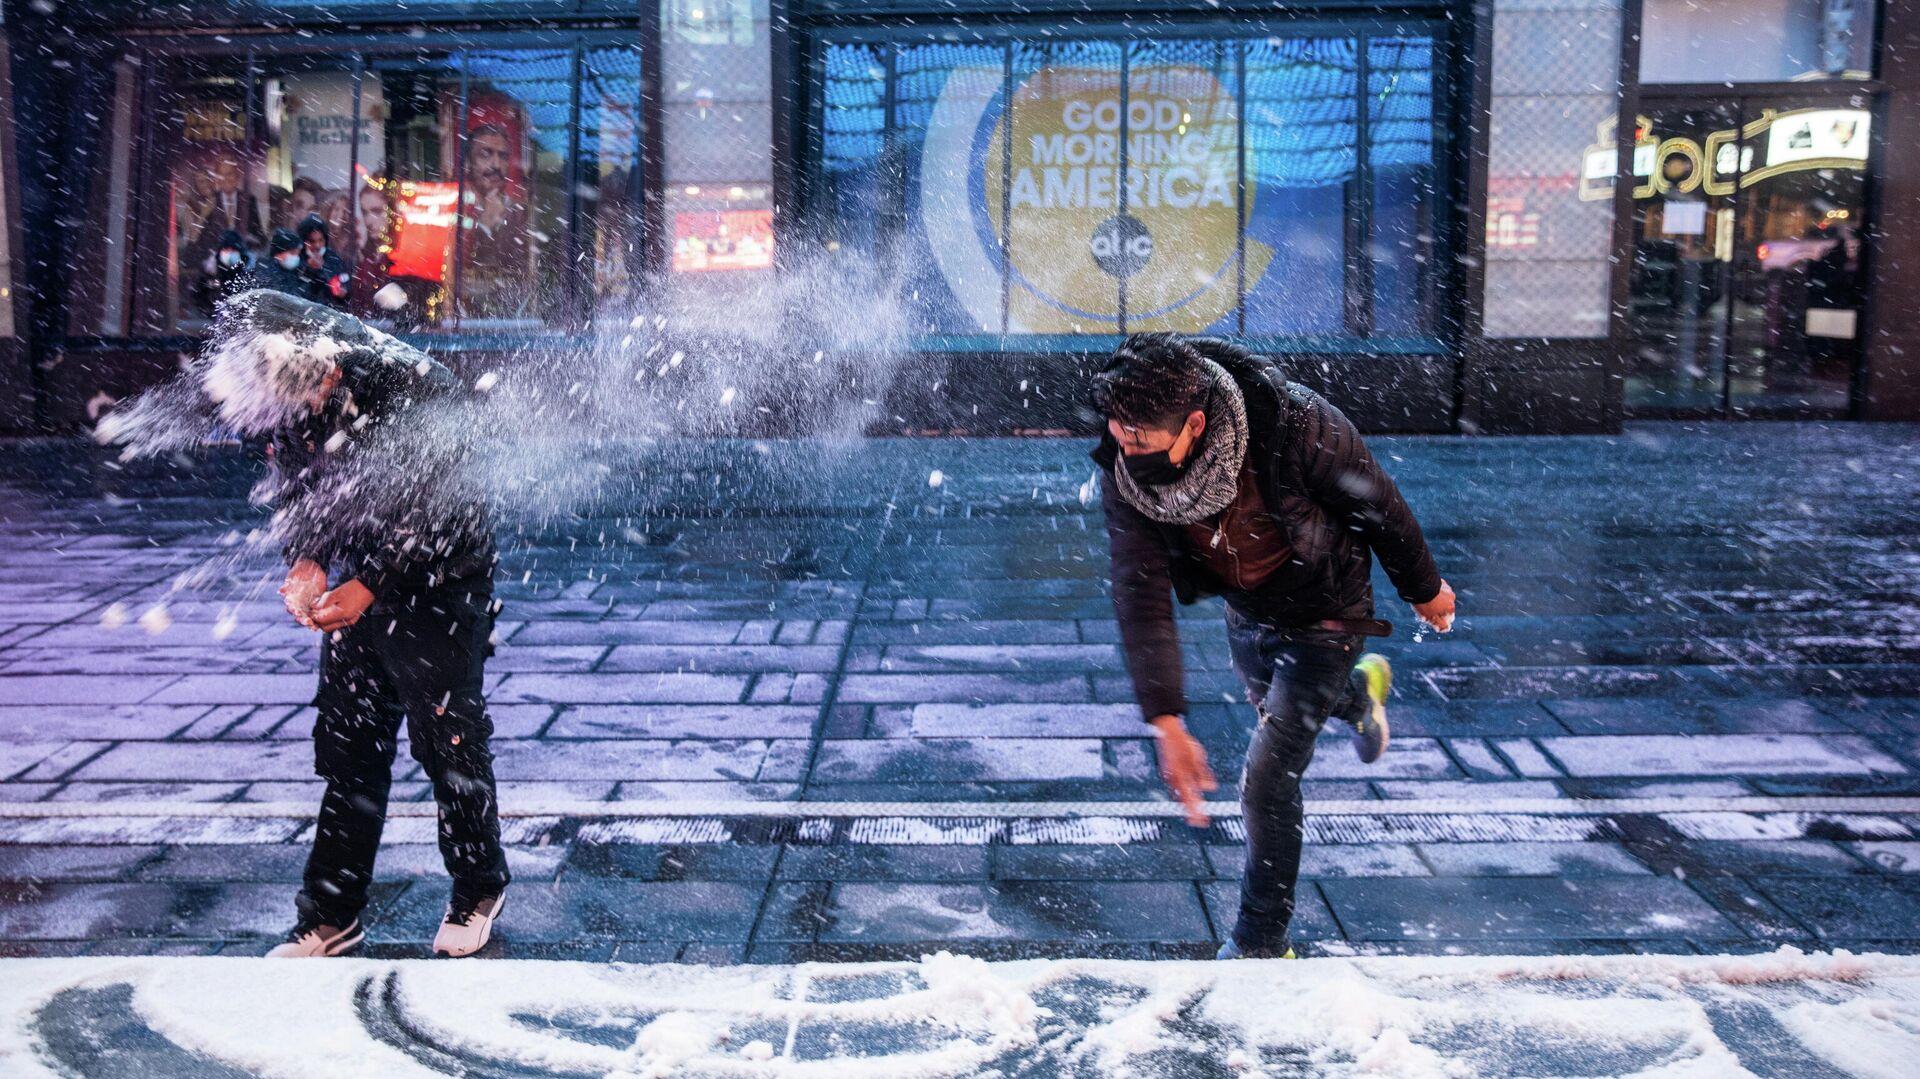 Люди играют в снежки на Таймс-сквер в Нью-Йорке - РИА Новости, 1920, 23.02.2021